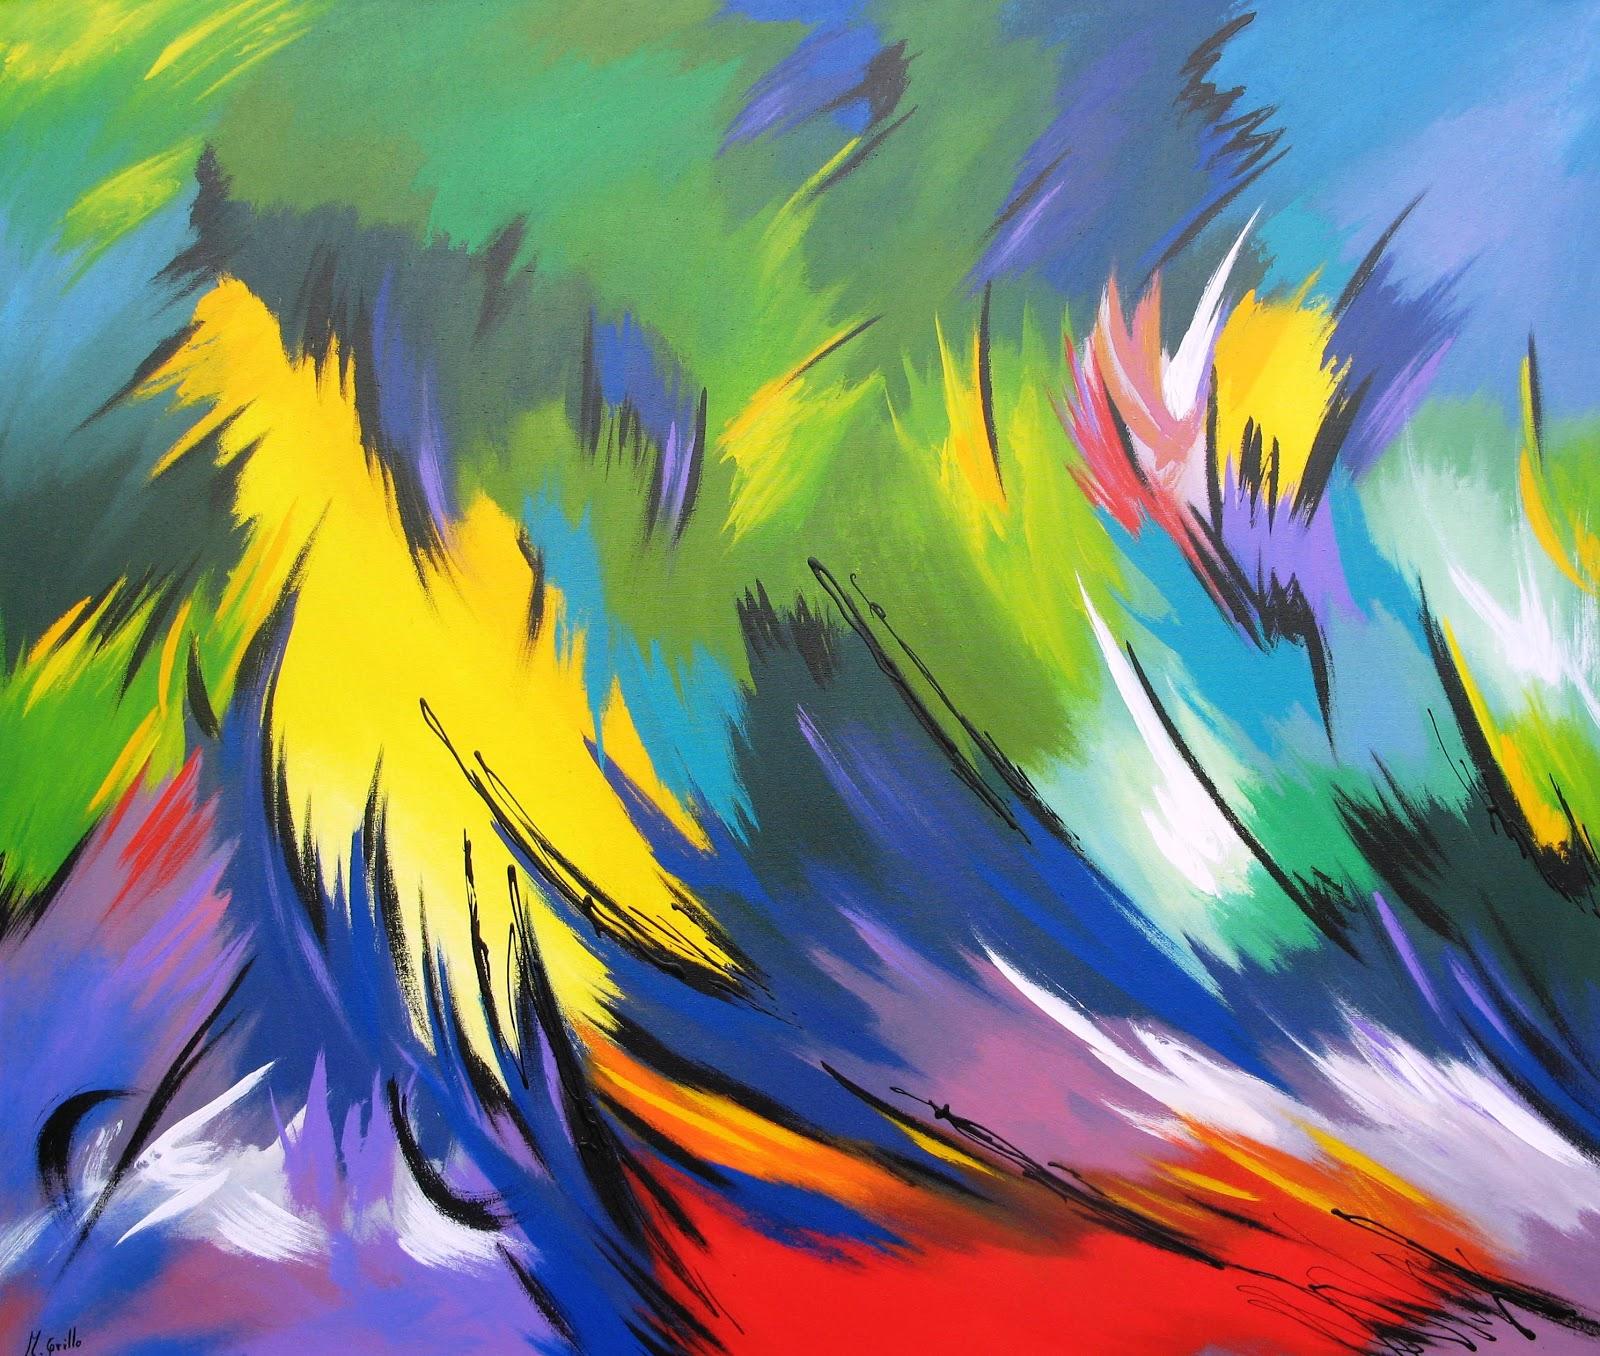 574842339918353959 also Dibujos Para Copiar Y Transferir furthermore Actividades Y Juegos Con Piedras Pintadas furthermore Imagenes De Frutas Para Cuadros Hermosos likewise Cuadros Pintados Al Oleo De Bodegones. on cuadros para pintar